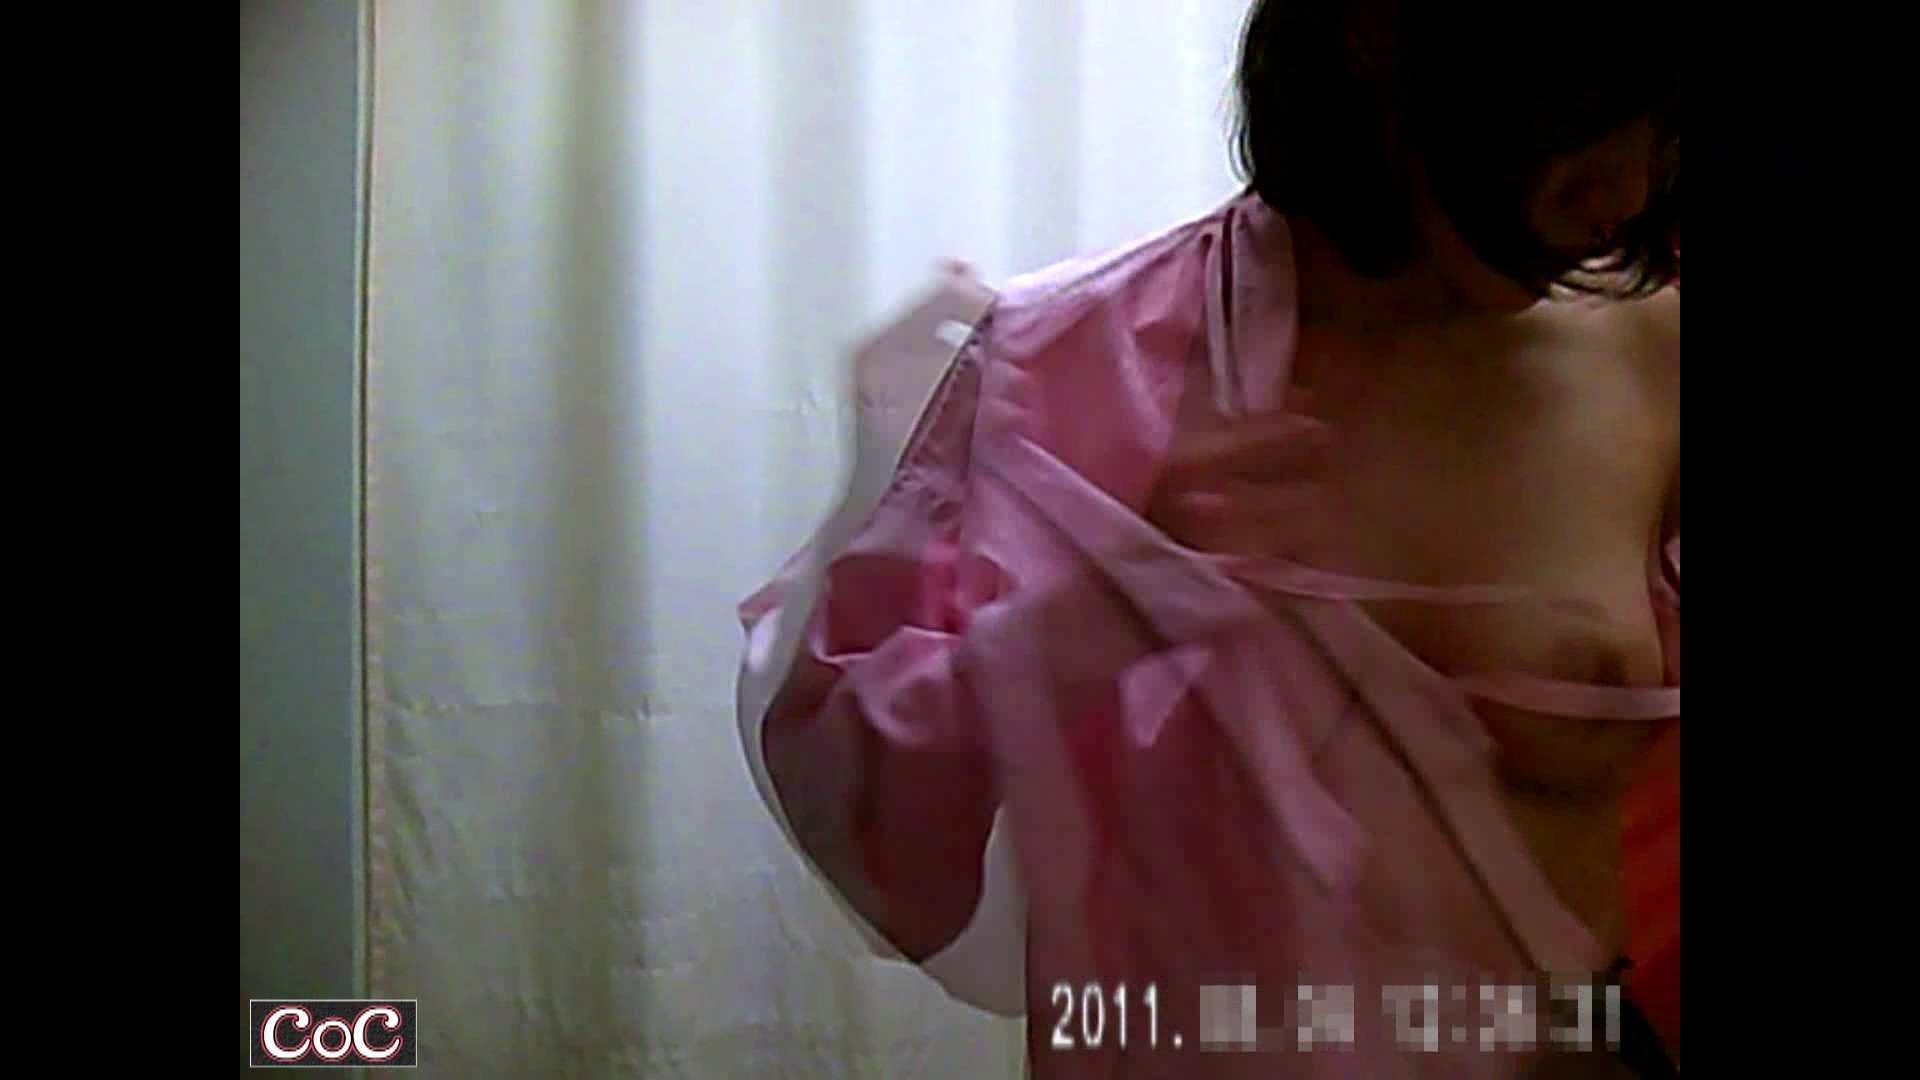 病院おもいっきり着替え! vol.10 乳首ポロリ 盗撮動画紹介 109画像 96